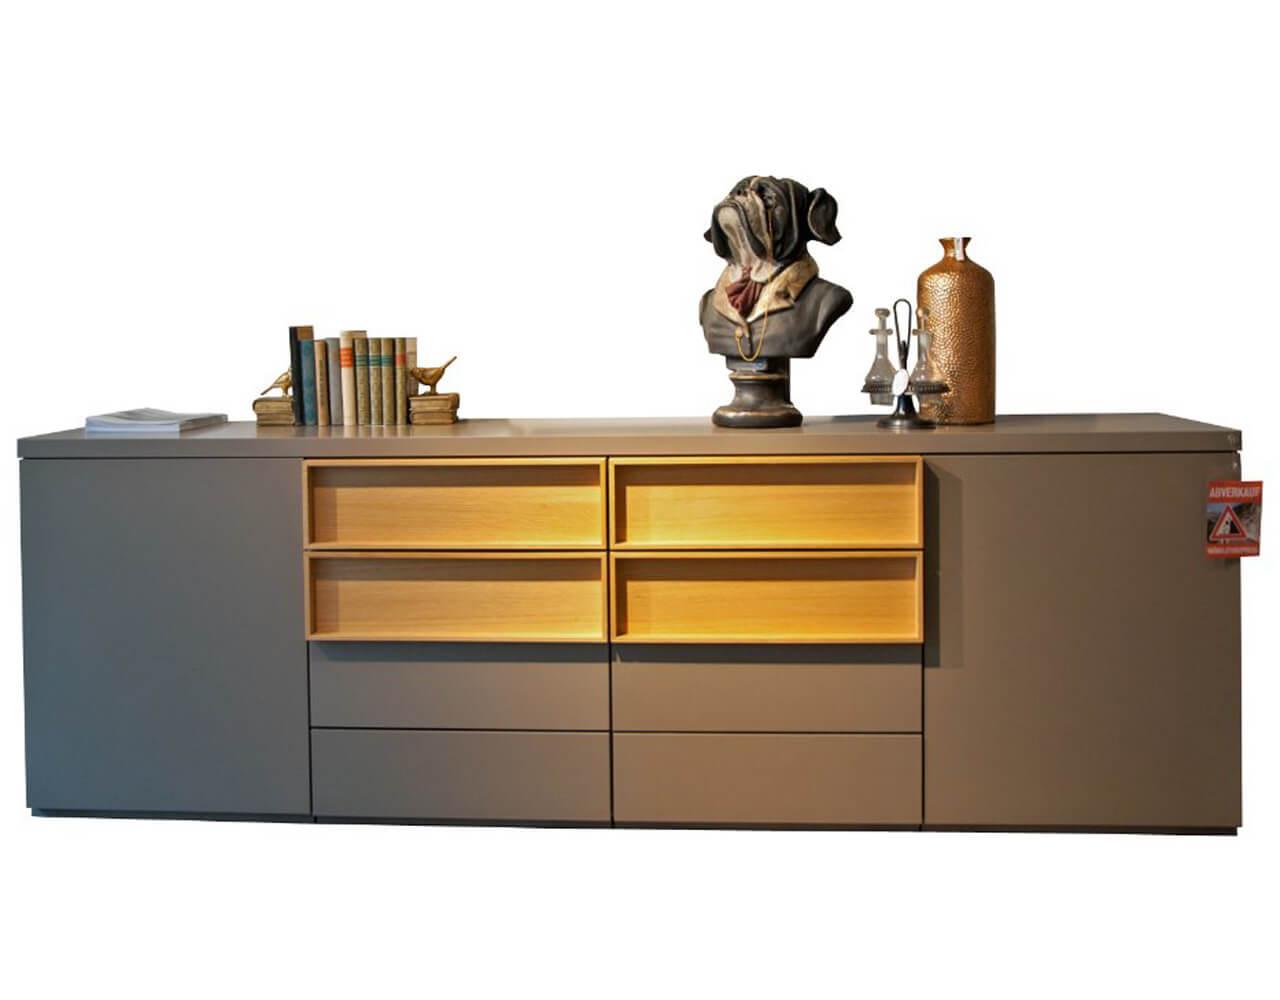 Sideboard im Abverkauf - hellgraue Fronten und Schubladen in Eiche